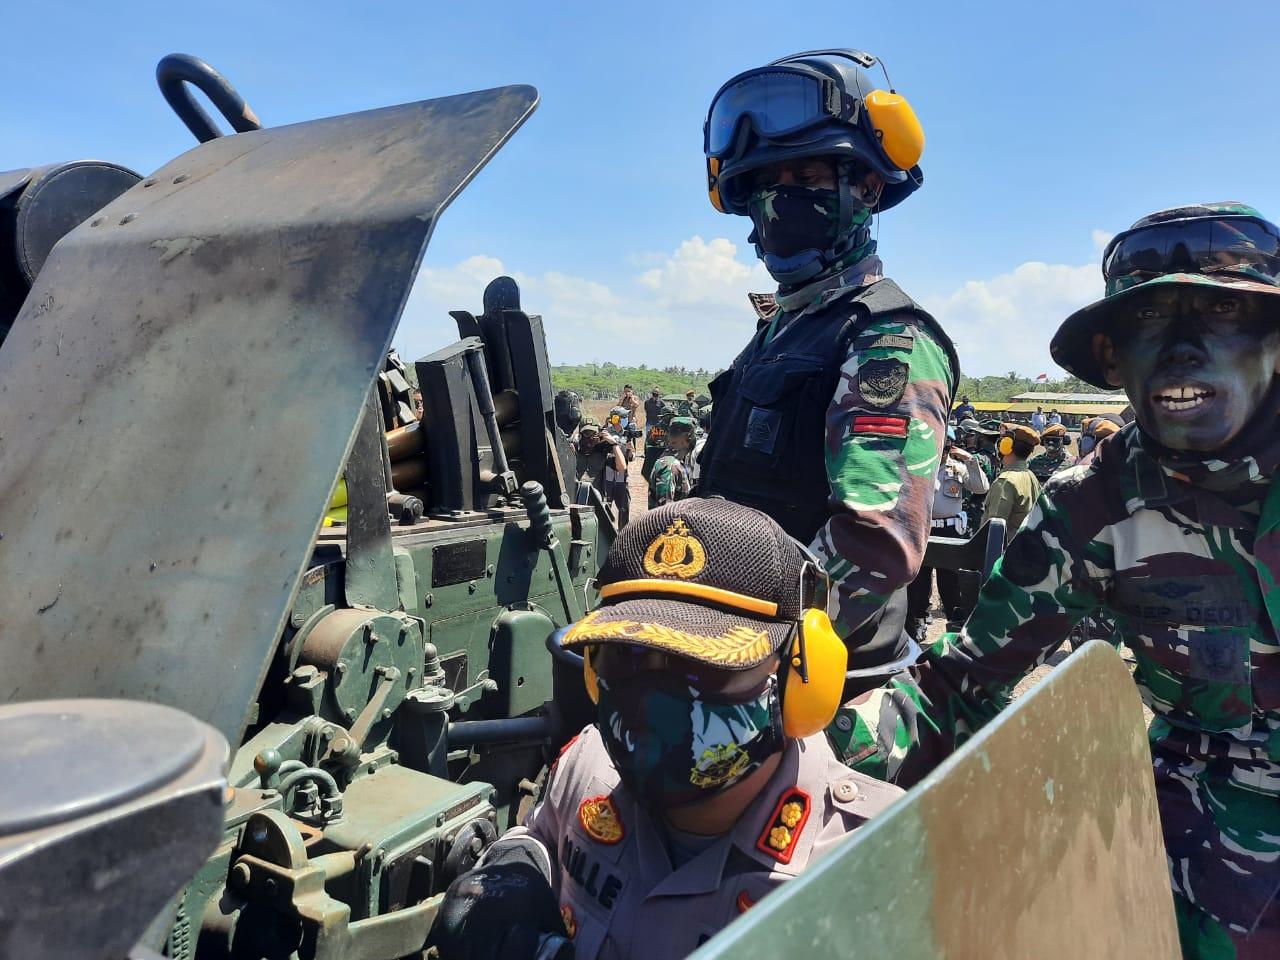 Kapolres Lumajang Takjub Latihan Perang TNI AD Usir Pengacau NKRI